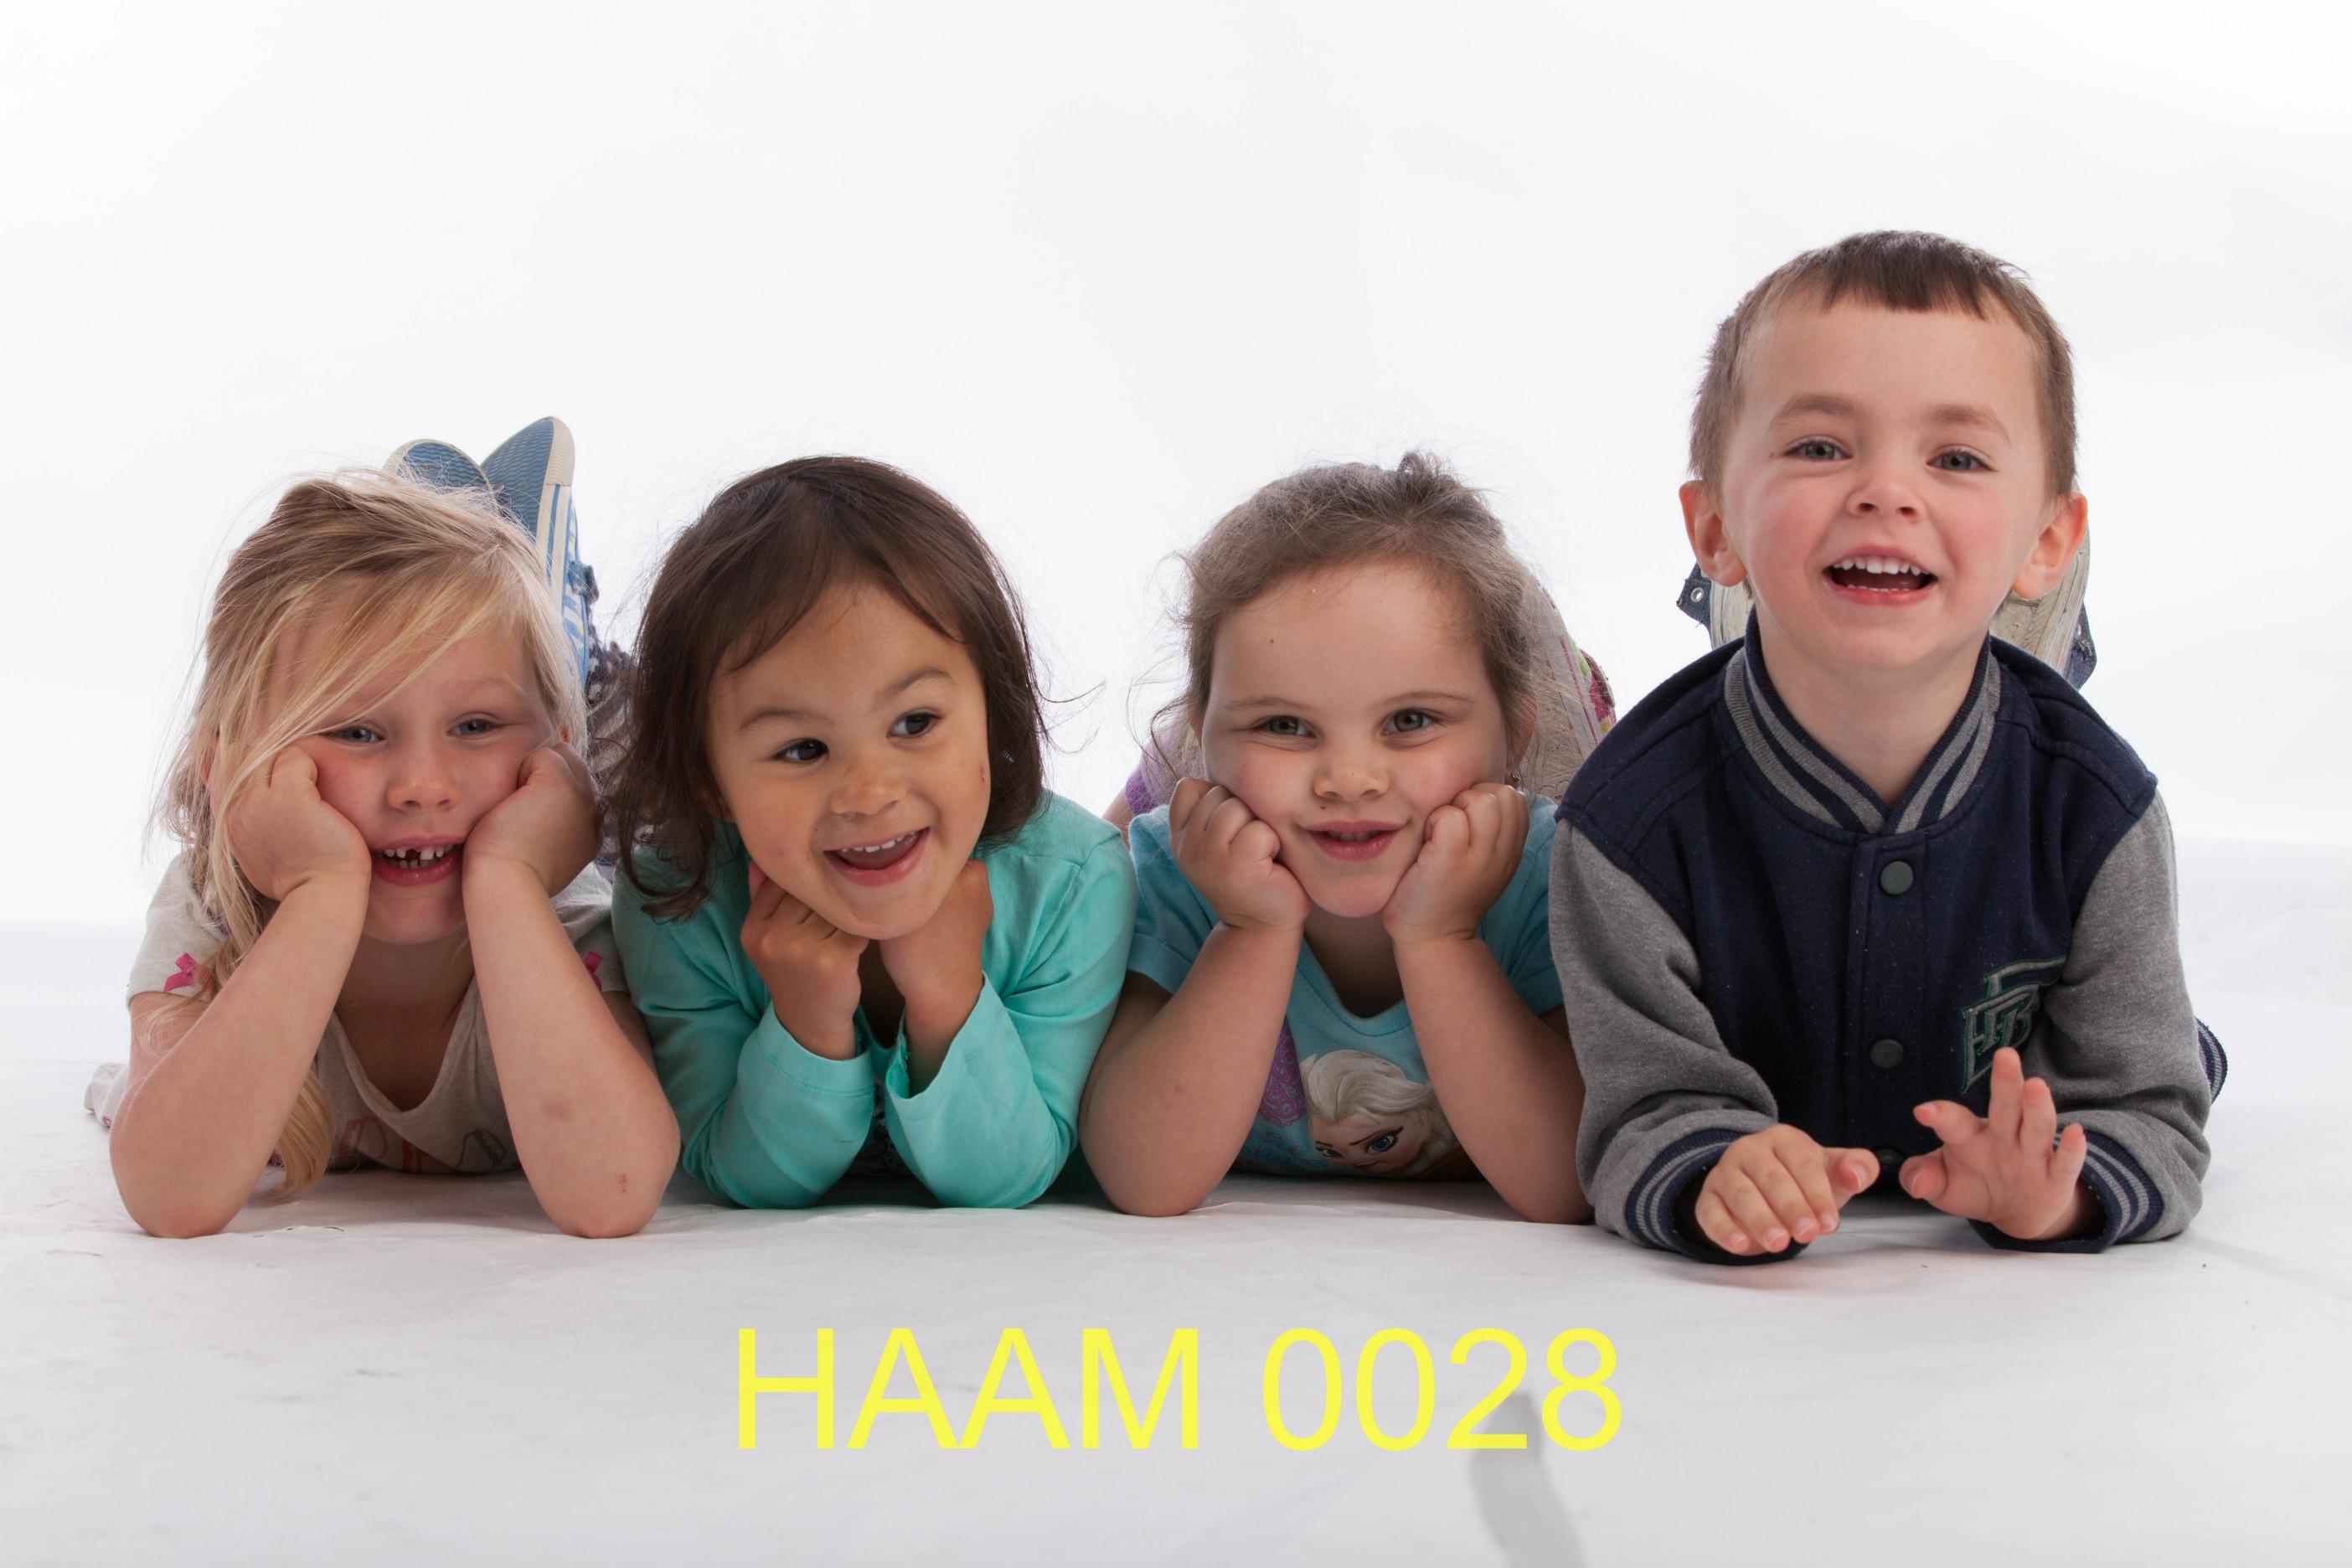 HAAM 0028